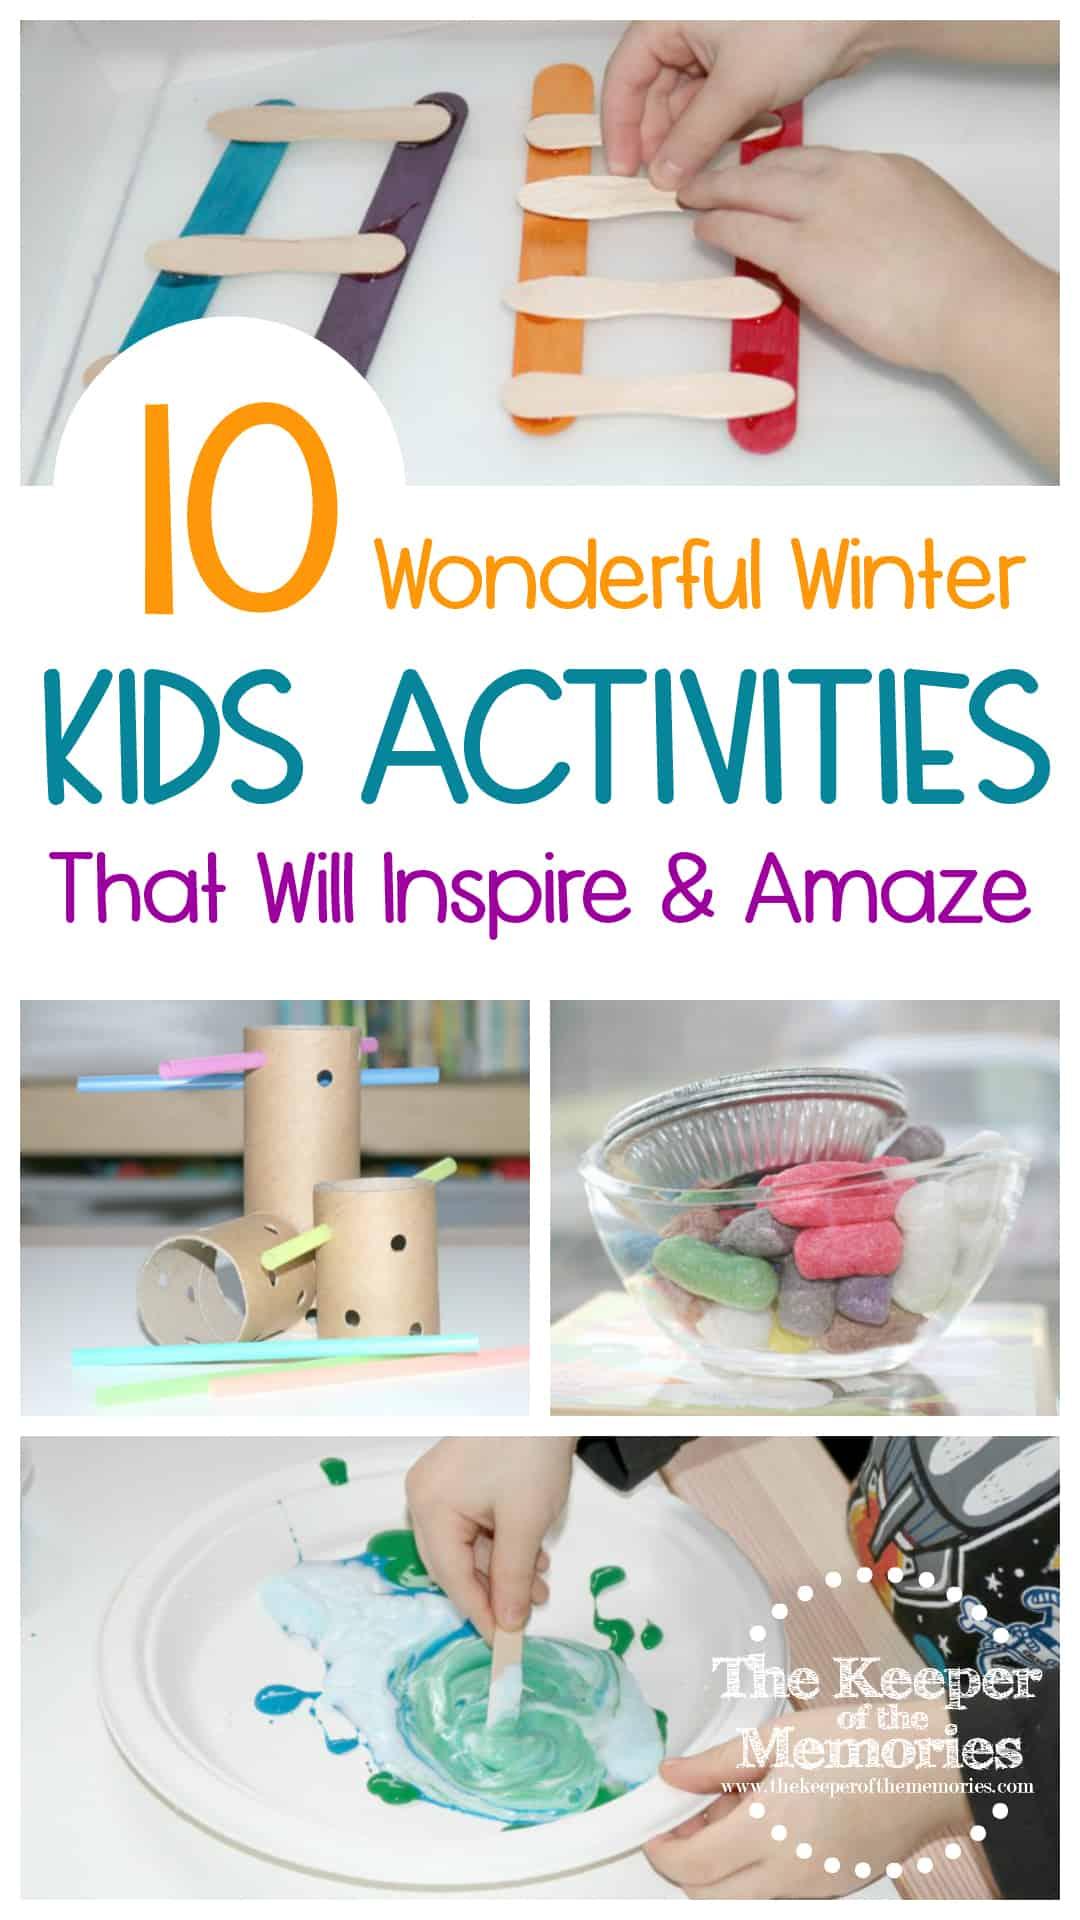 10 Wonderful Winter Activities For Inspiring Indoor Play